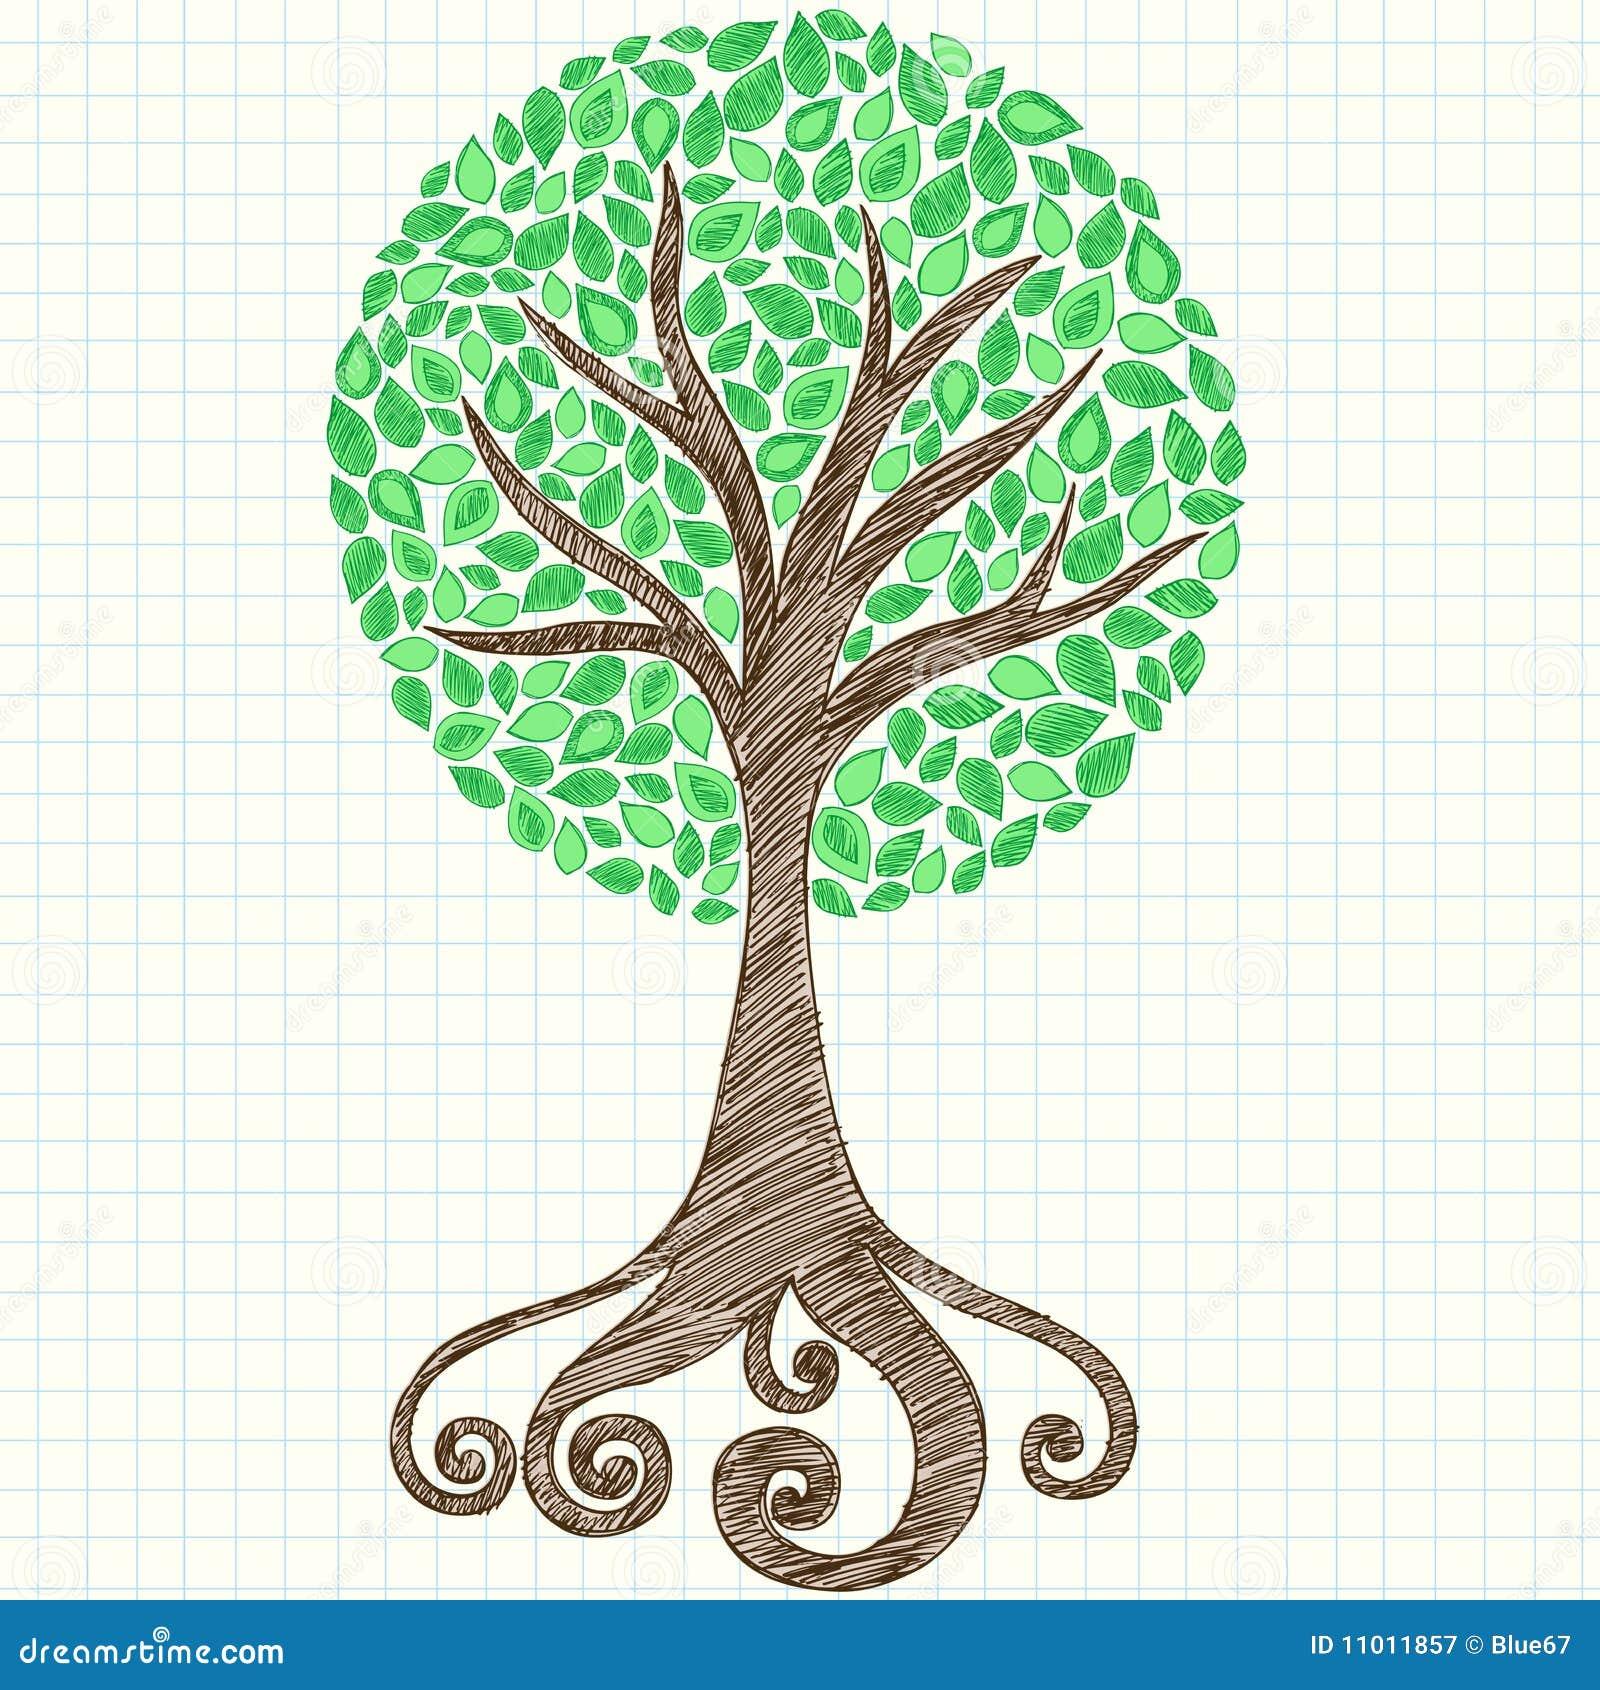 乱画图形笔记本纸张概略结构树